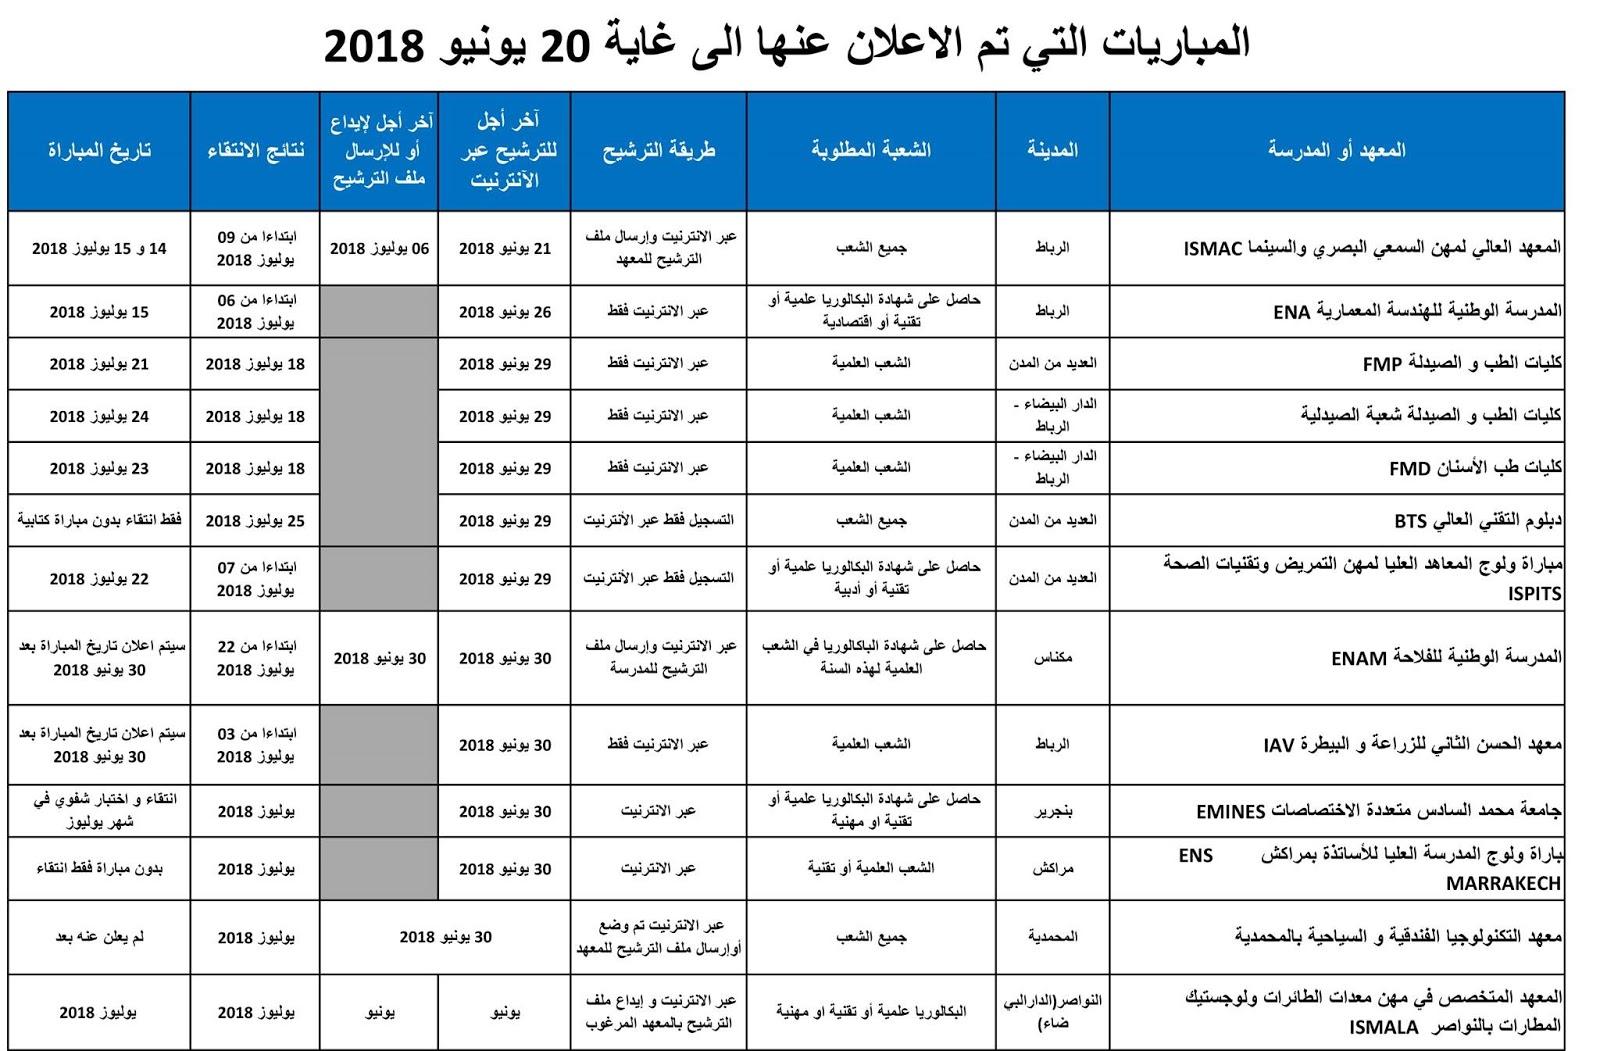 المباريات التي تم الاعلان عنها الى غاية يوم 20 يونيو 2018